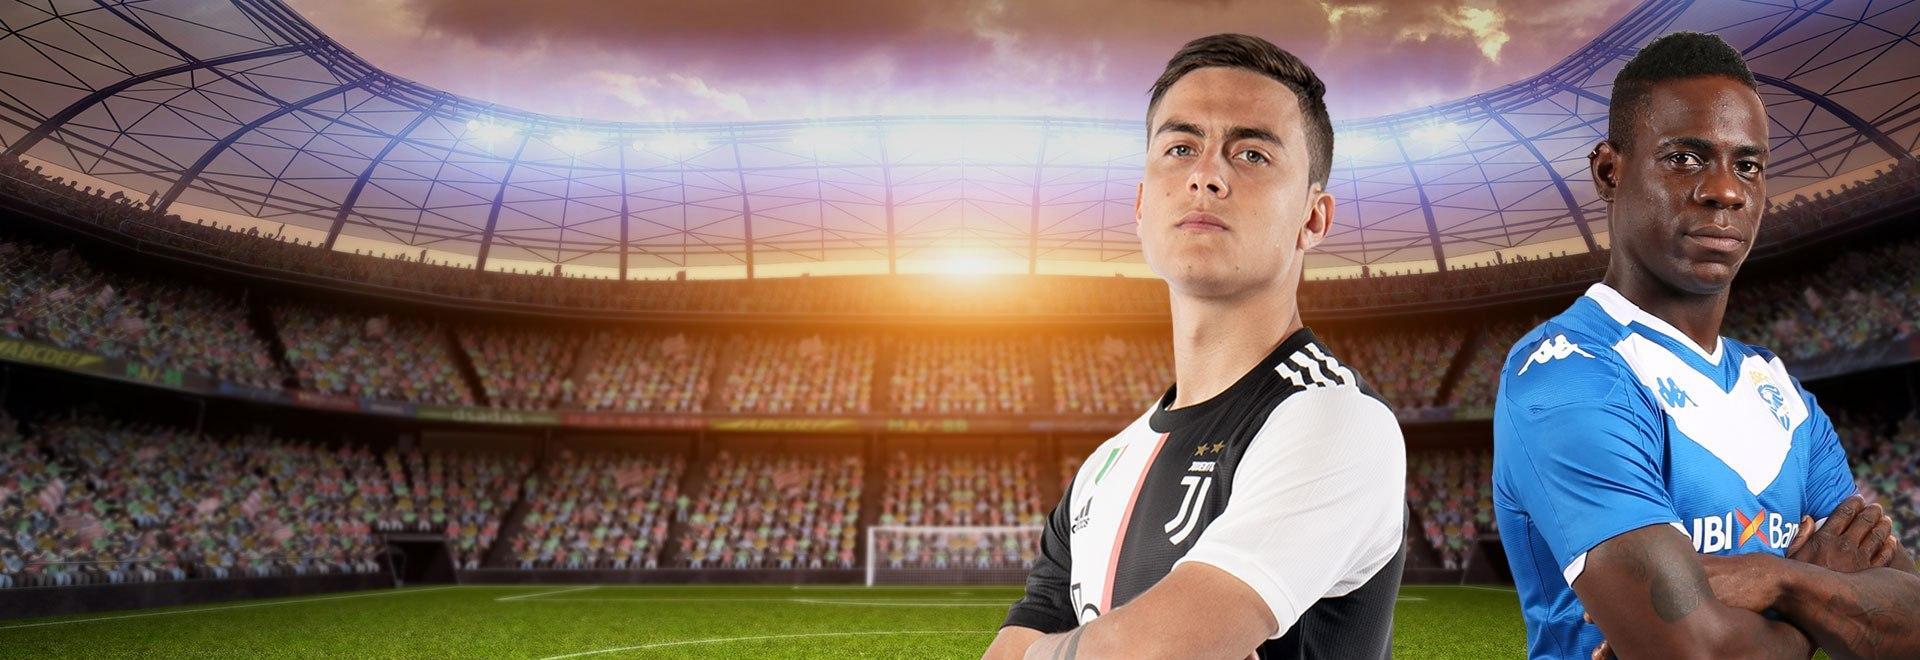 Juventus - Brescia. 24a g.